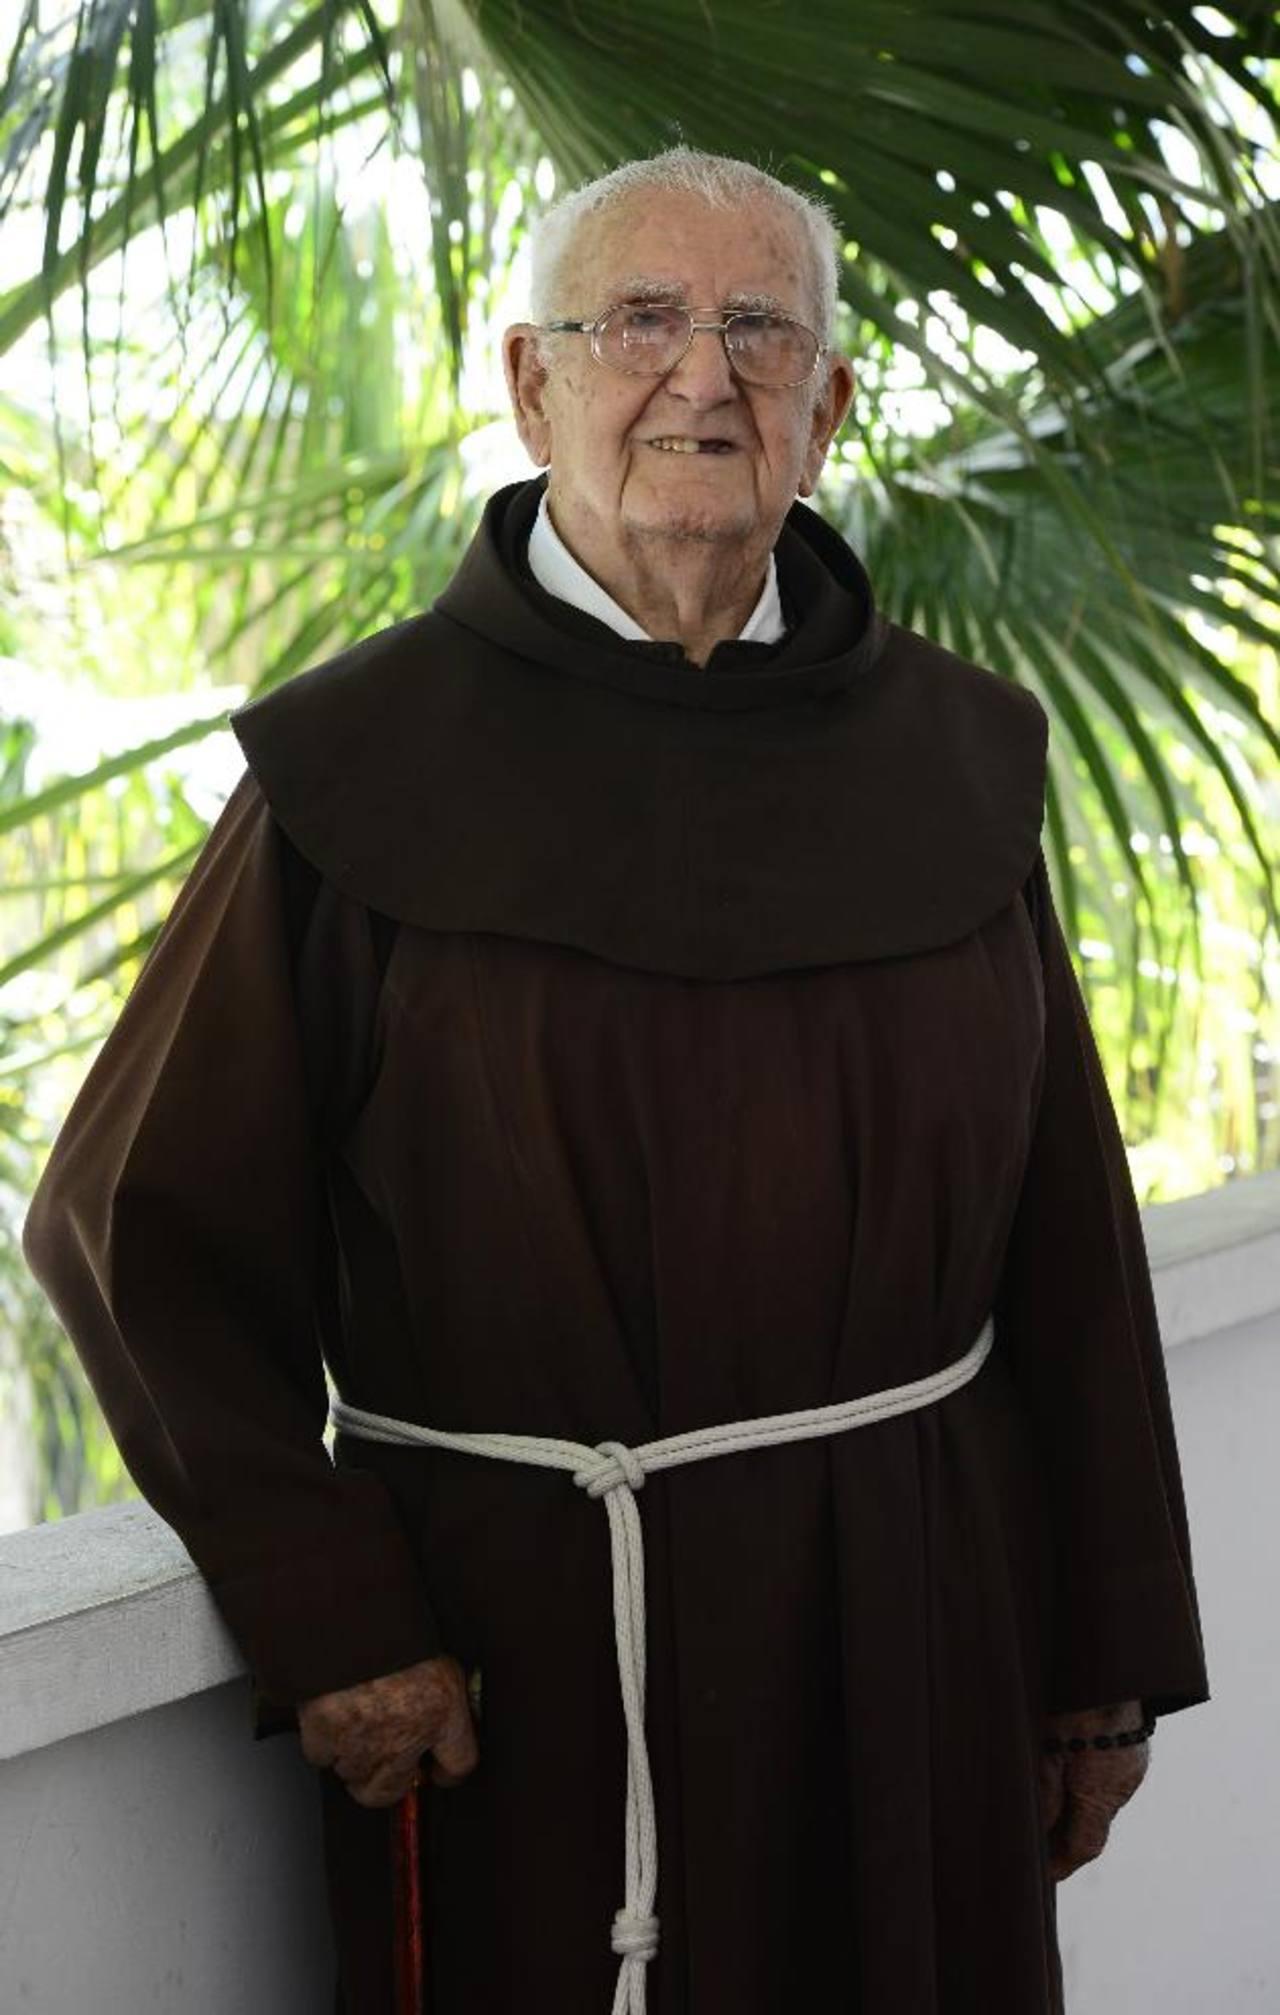 Por 28 años el fungió como Párroco de la Iglesia de San Marcos. Foto EDH / René Estrada